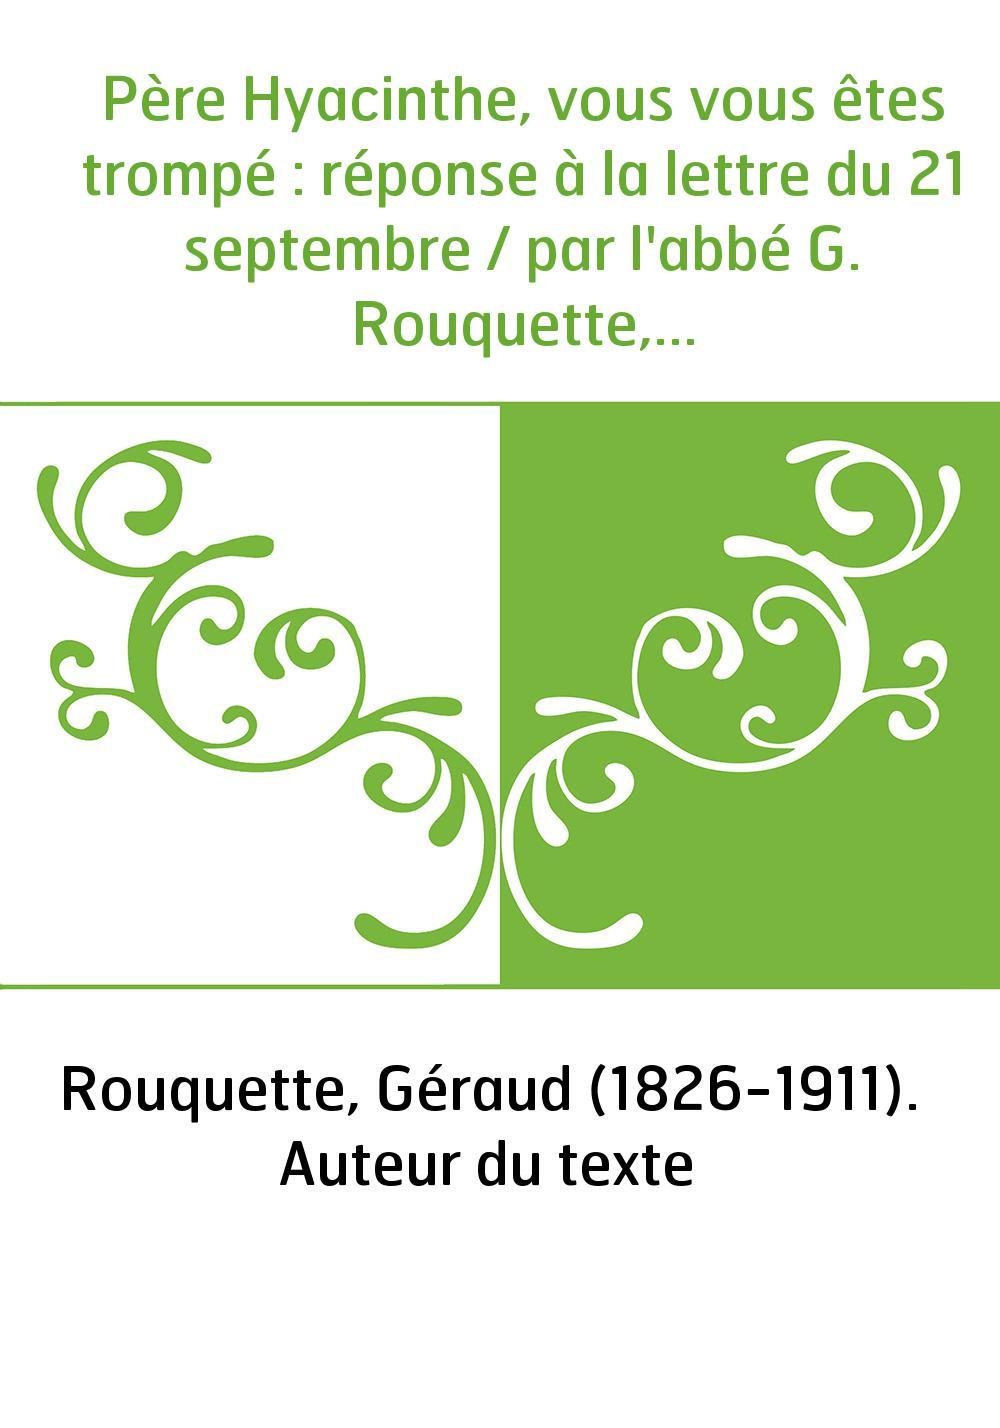 Père Hyacinthe, vous vous êtes trompé : réponse à la lettre du 21 septembre / par l'abbé G. Rouquette,...